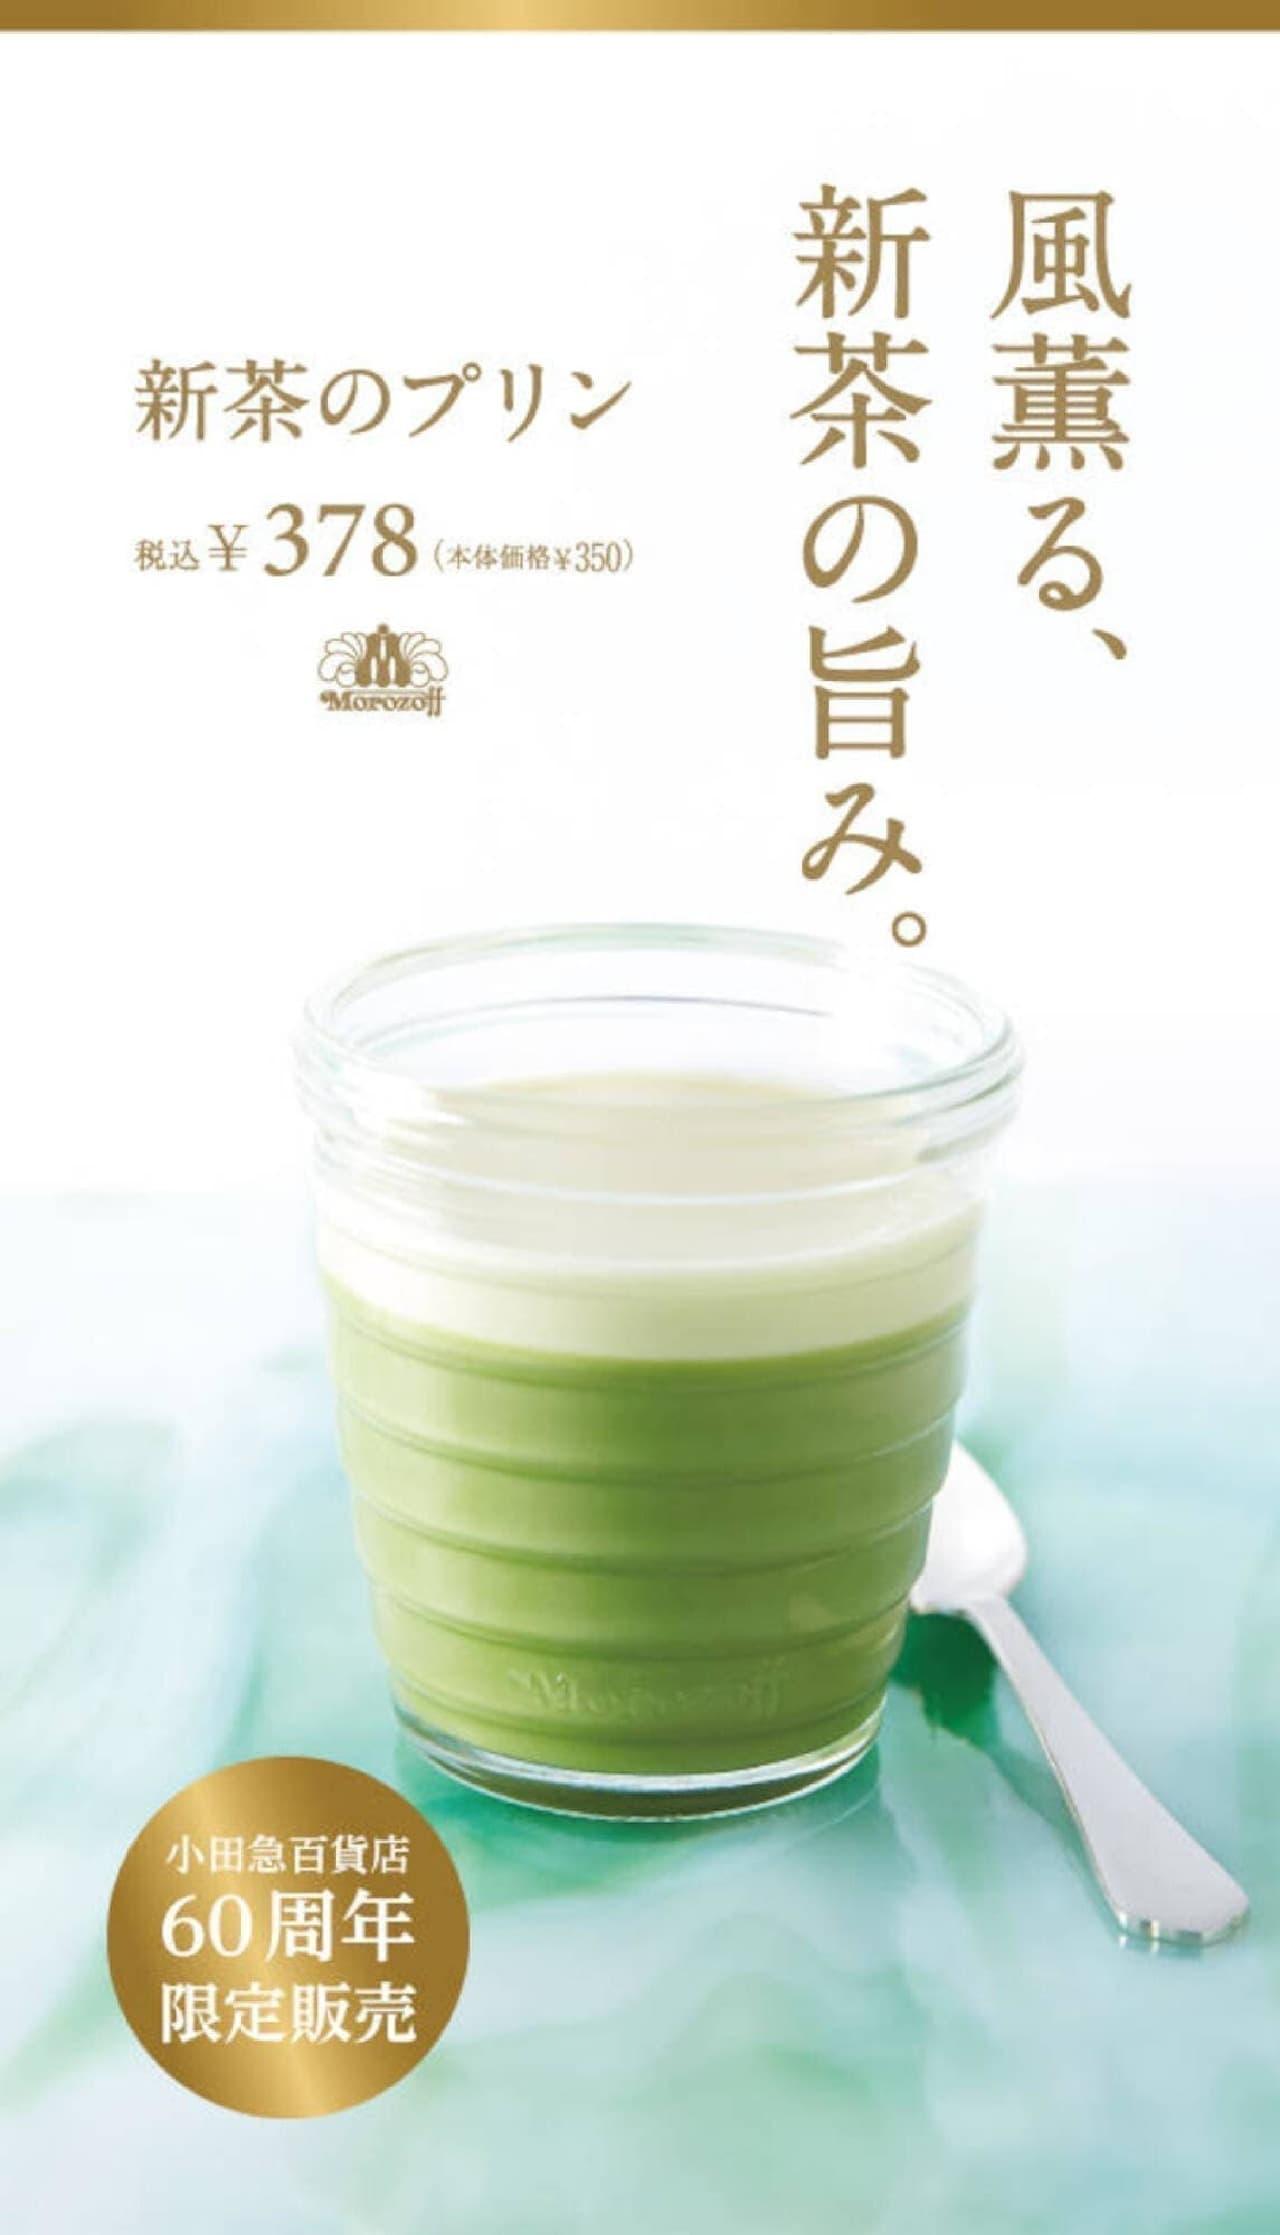 モロゾフ「新茶のプリン」小田急百貨店限定